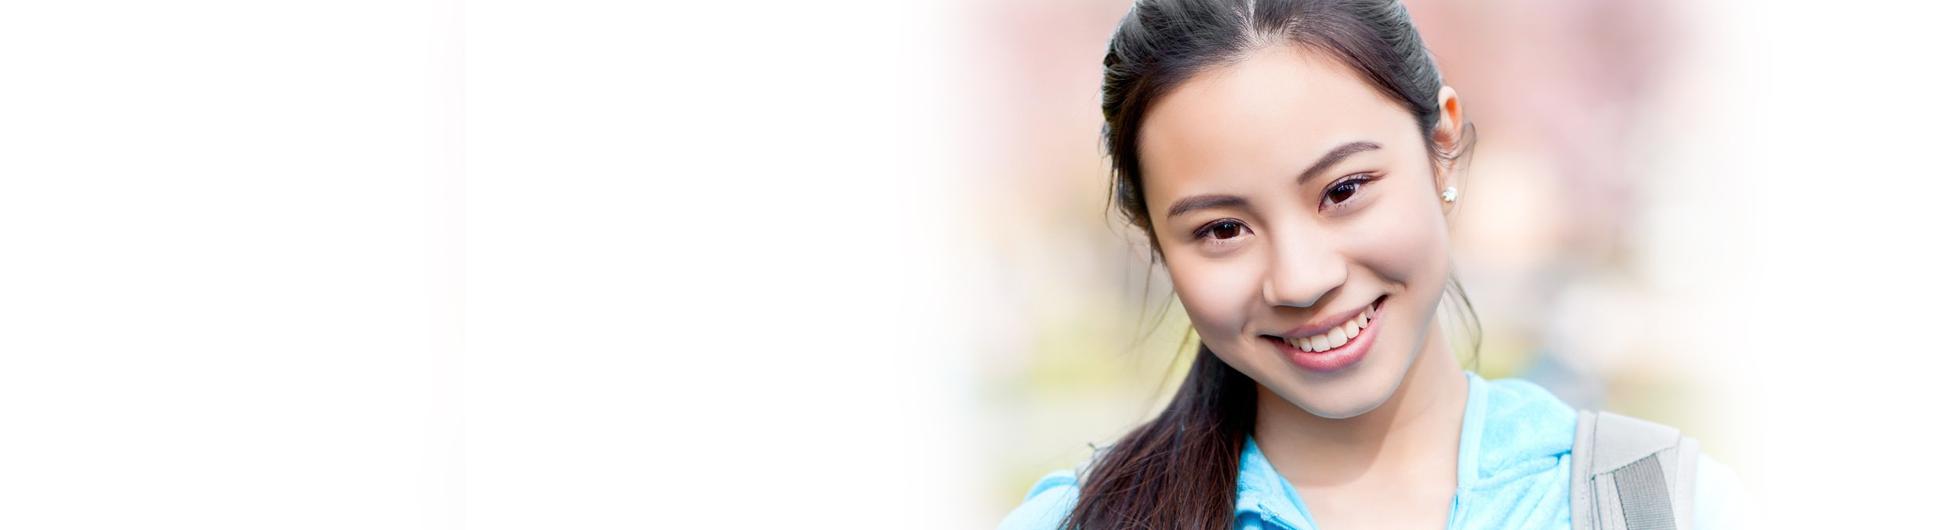 Gift proflie asian woman 15